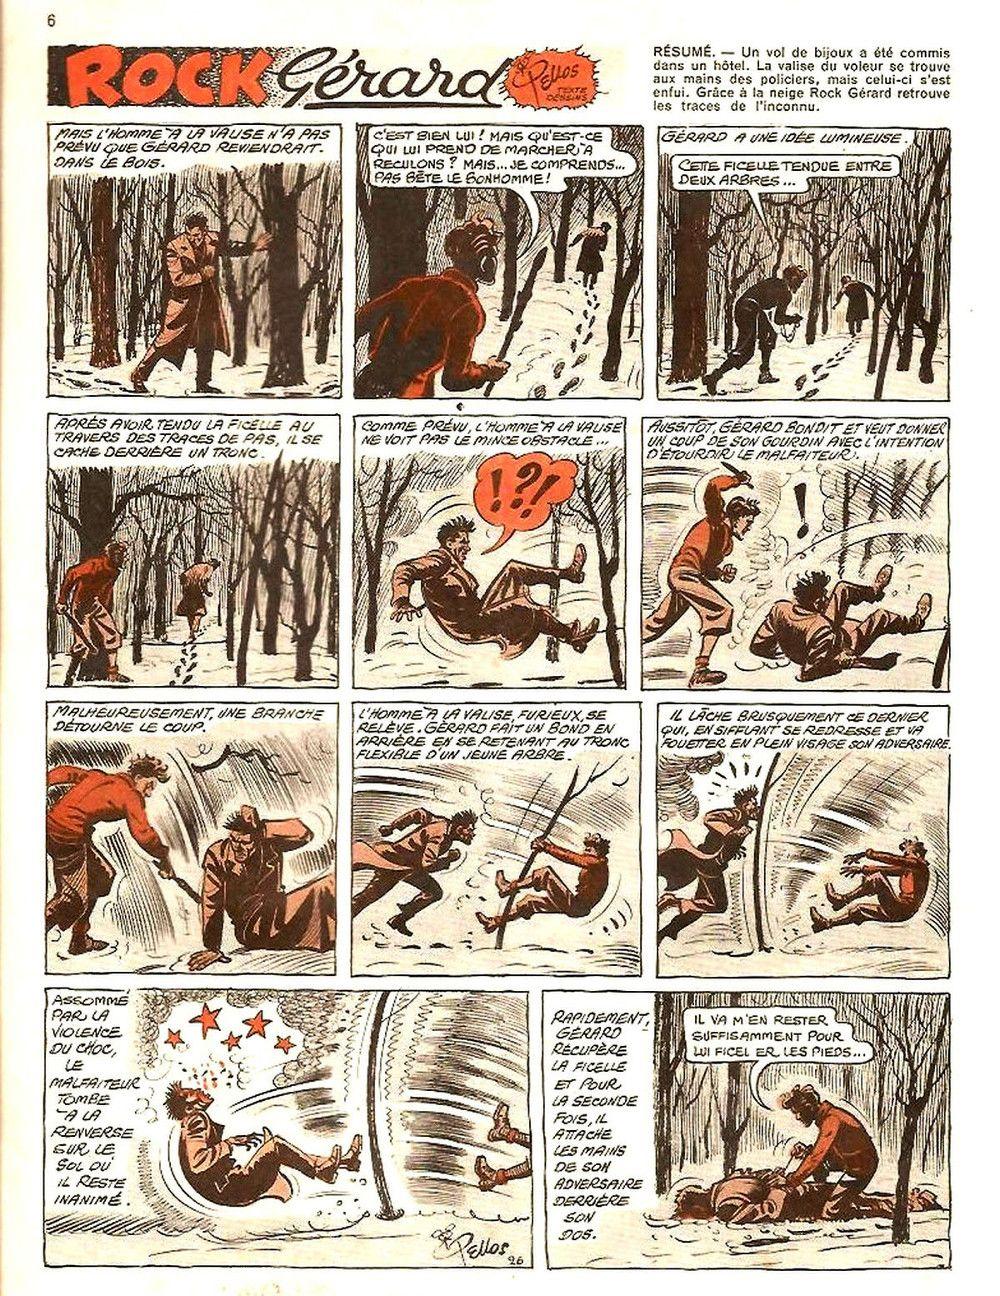 Les cases sportives de René PELLOS et autres séries toutes aussi remarquables - Page 4 96254f10